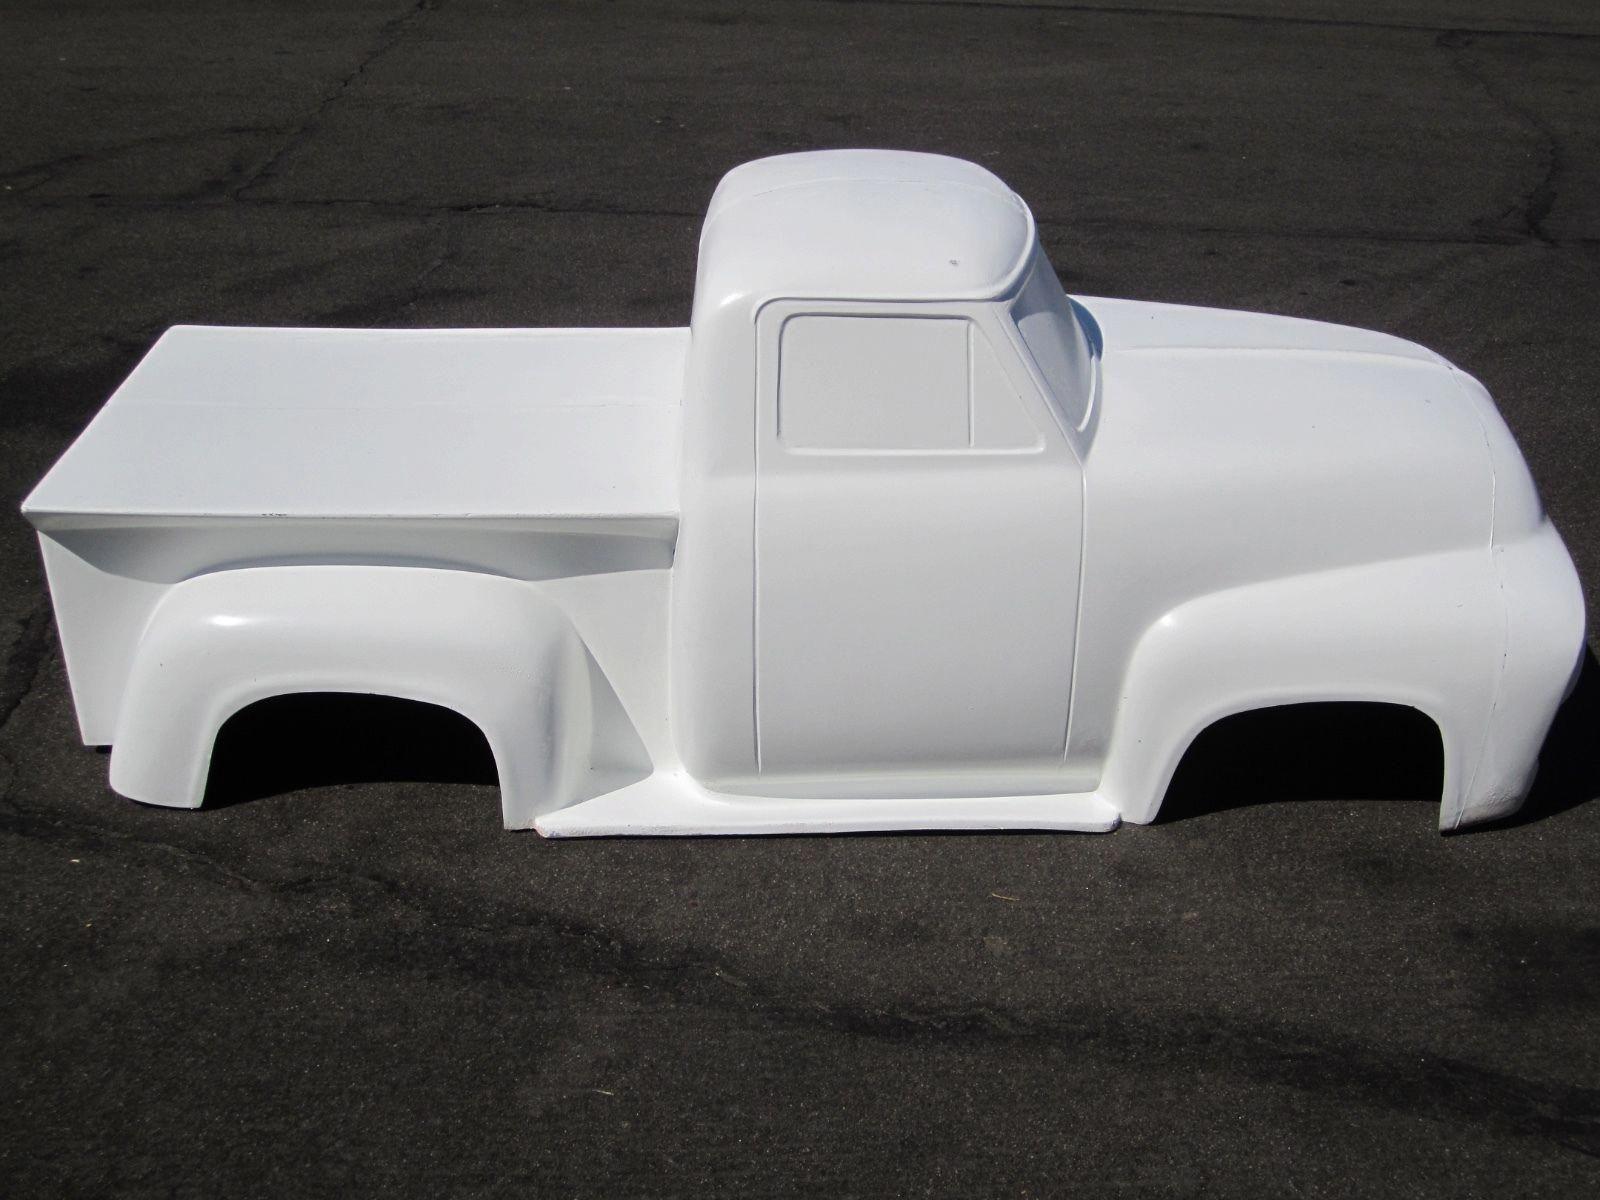 1953 Ford F 100 Truck Hot Rod Stroller Go Kart Fiberglass Body 1954 1955 1956 599 99 This Is A 1953 Ford F 100 Truck Fib Ford Trucks Go Kart Classic Trucks